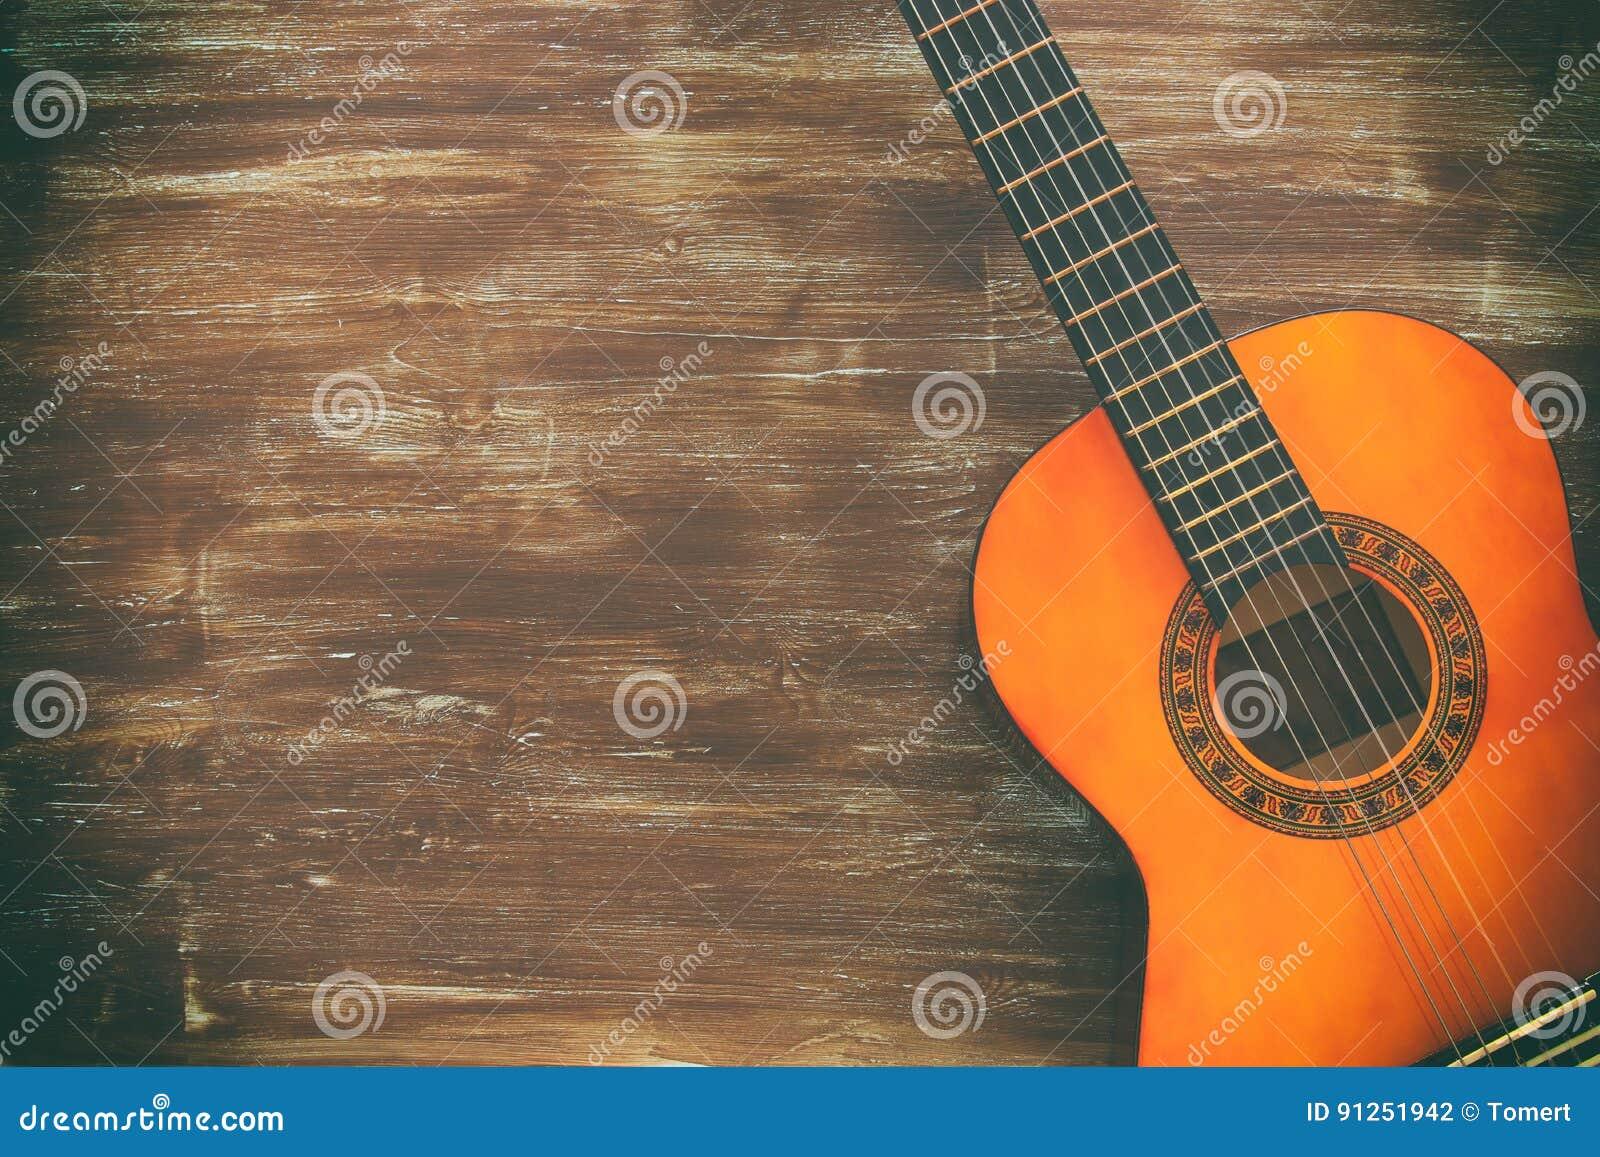 Schließen Sie oben von der Akustikgitarre gegen einen hölzernen Hintergrund